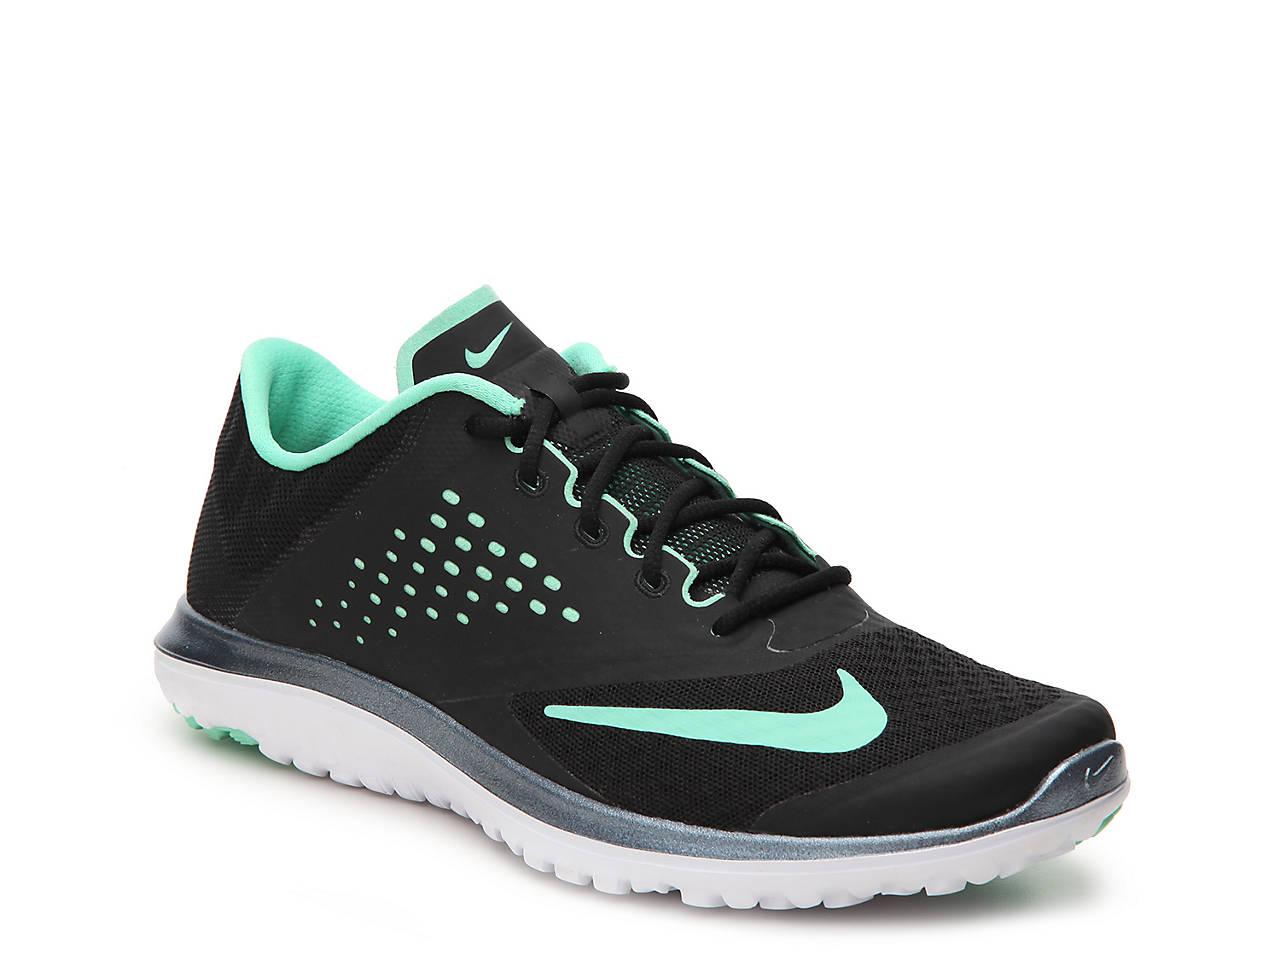 hot sale online 928d2 f7078 FS Lite Run 2 Premium Lightweight Running Shoe - Women's